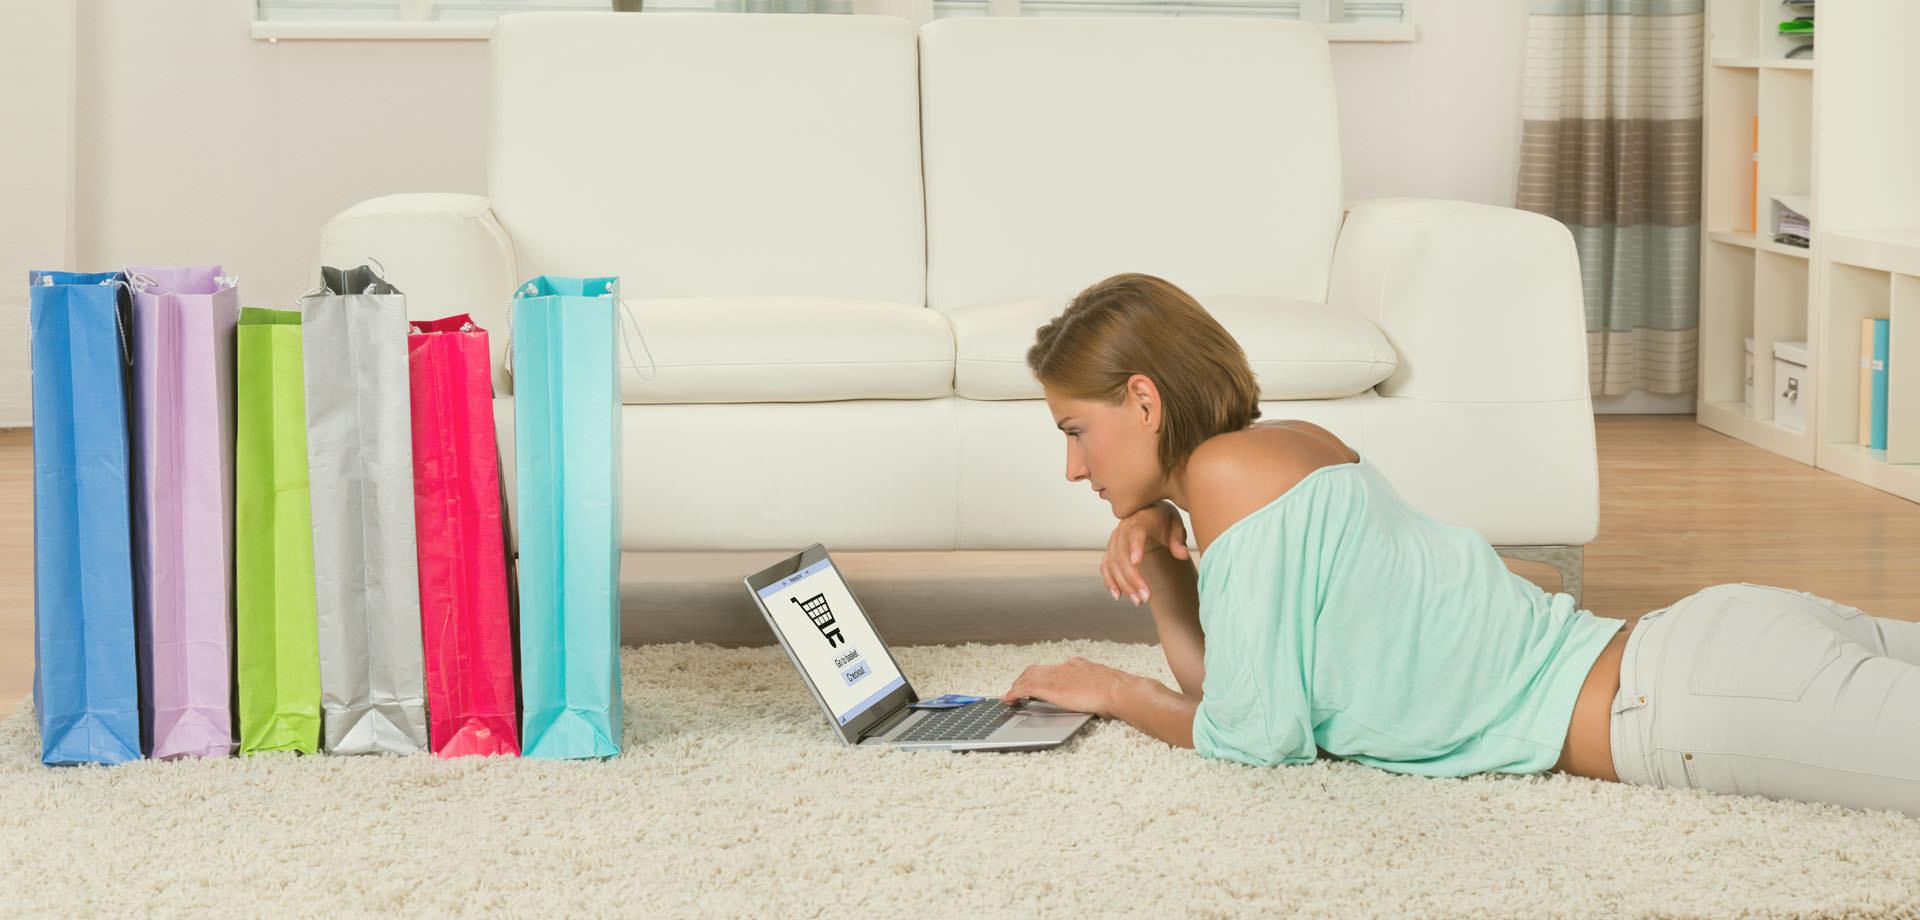 Junge Frau liegt auf dem Boden mit Ihrem Notebook und kauft online ein.